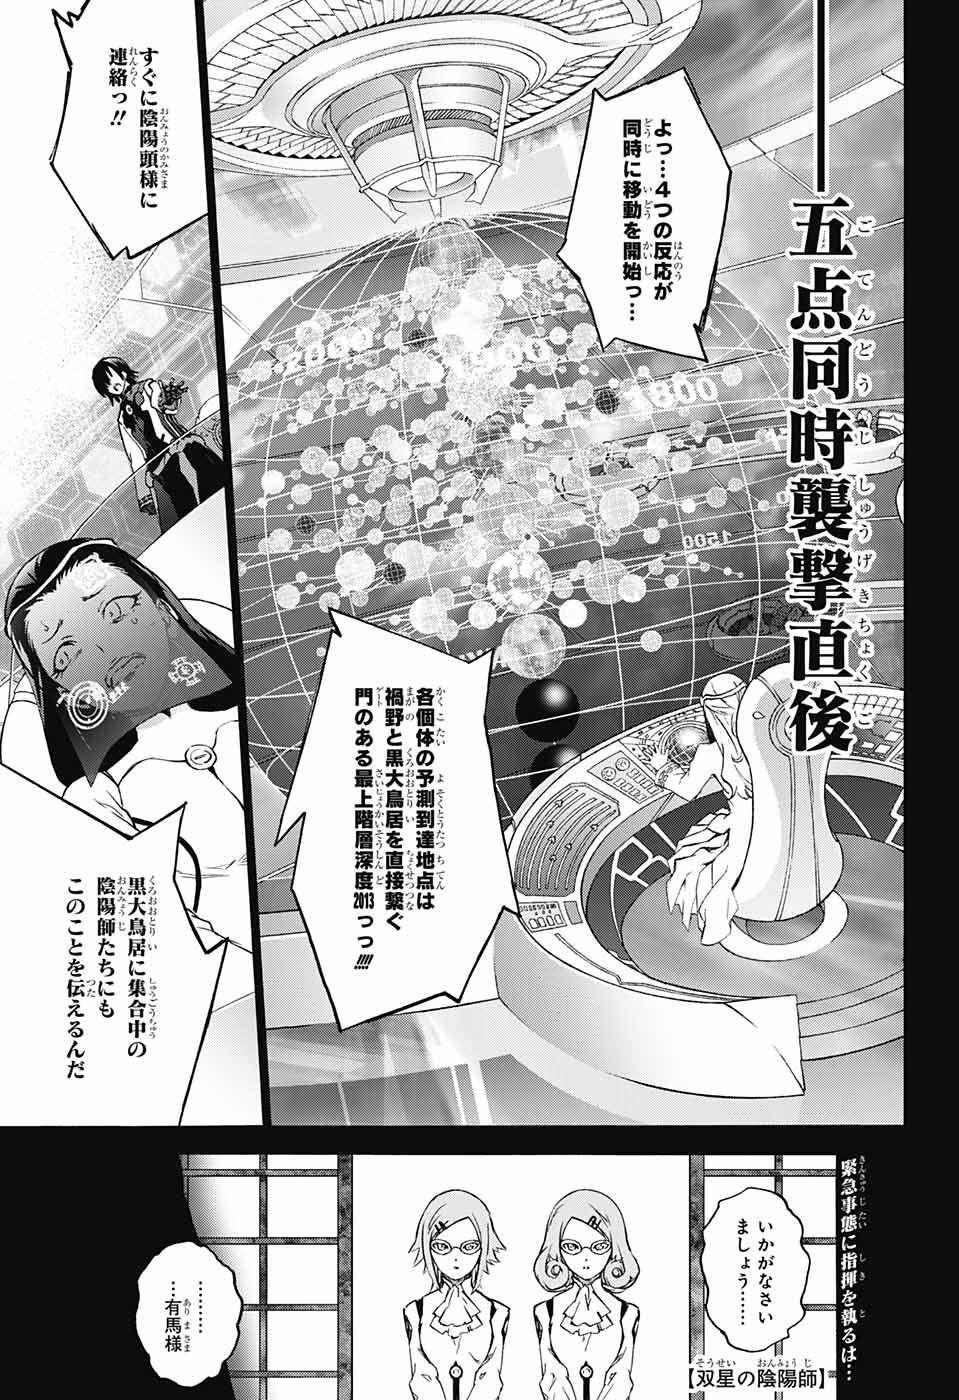 Sousei-no-Onmyouji Chapter 62 Page 1